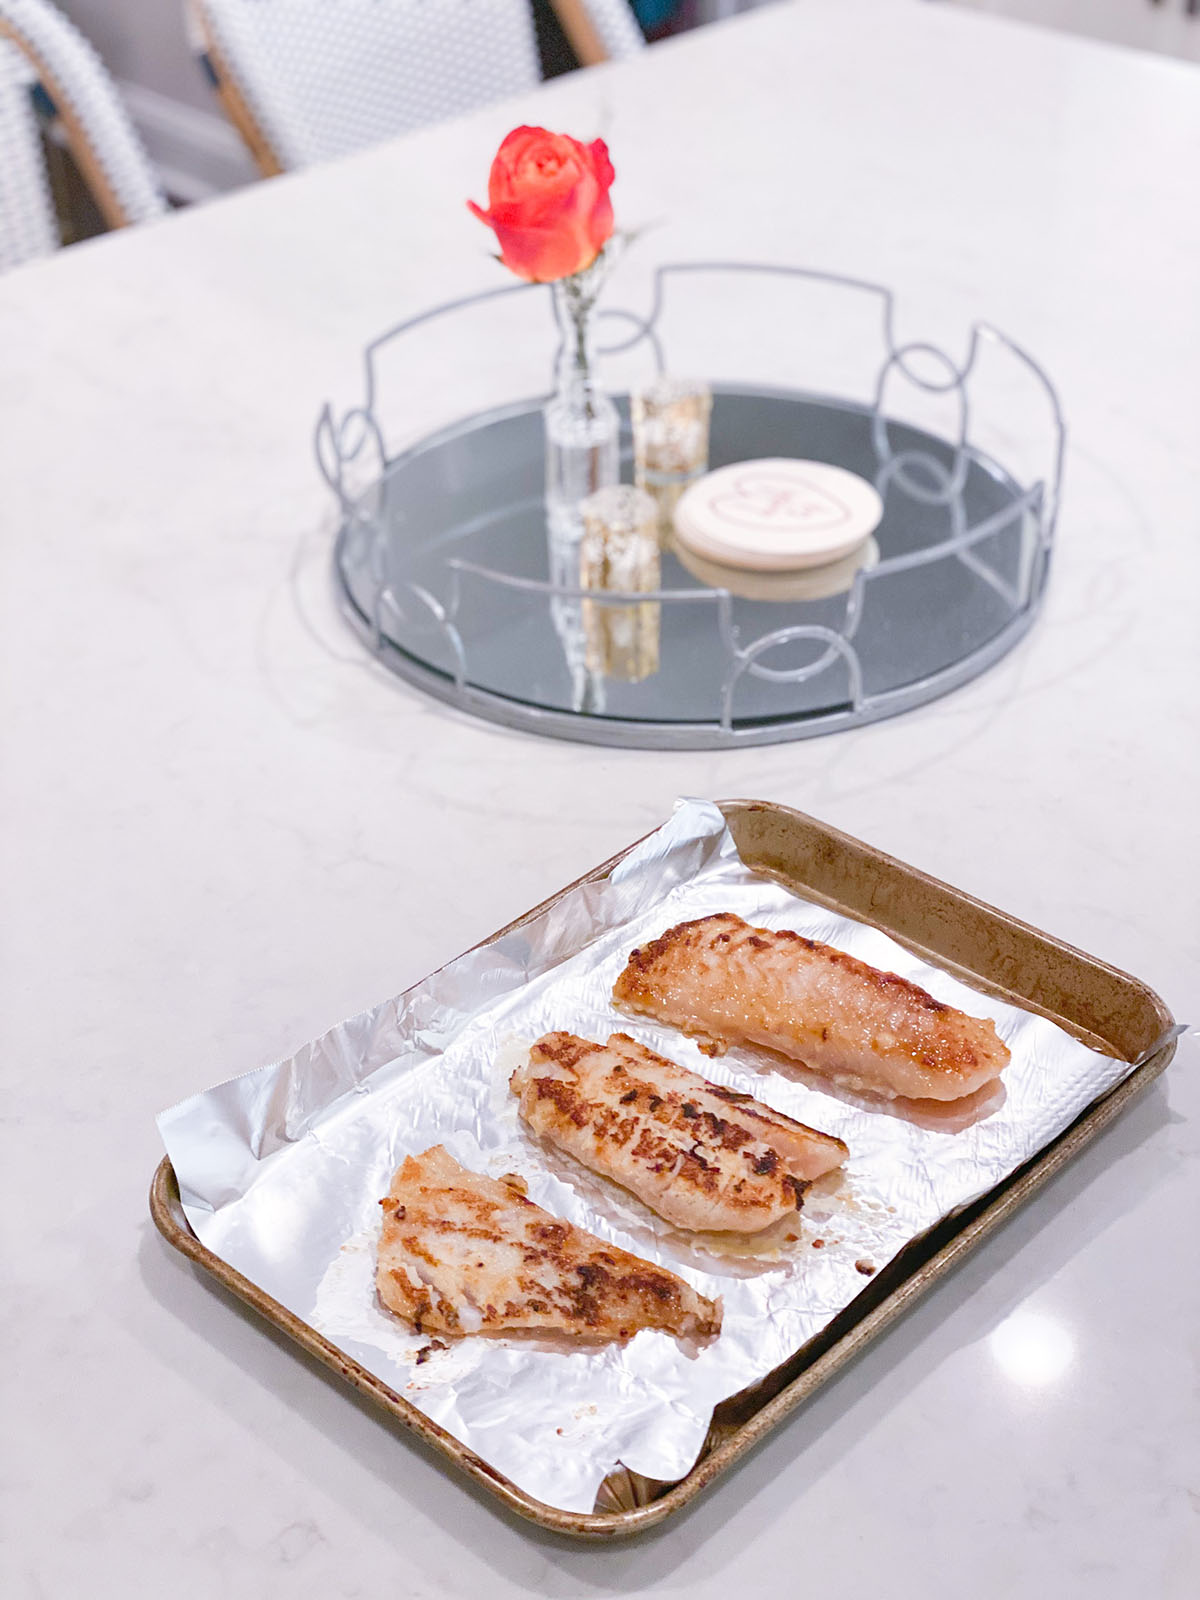 Nobu Miso Black Cod Recipe